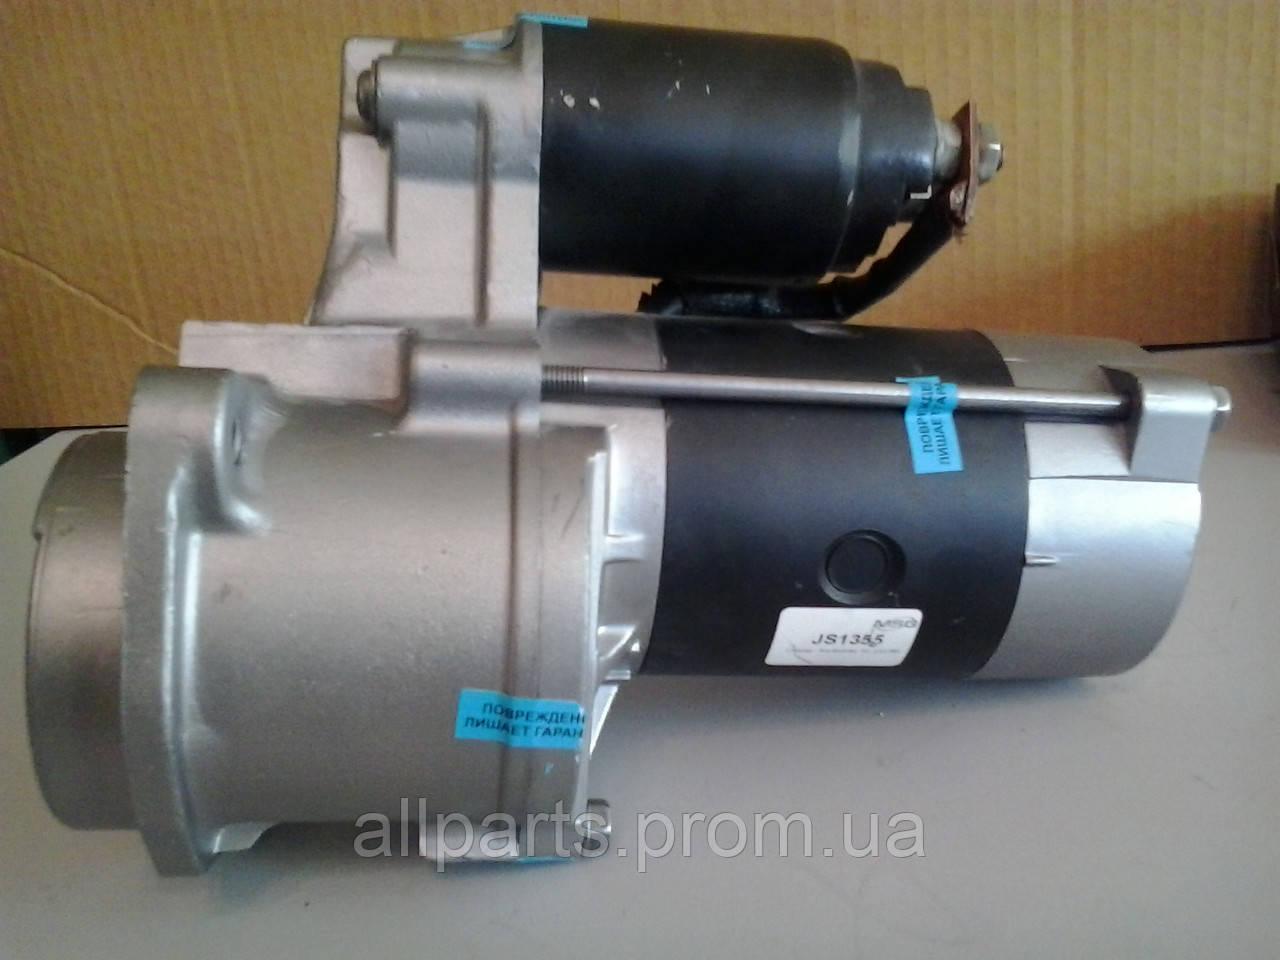 Стартер Bosch, Valeo, Hella, Cargo, Denso, Mobiletron, HC-Parts